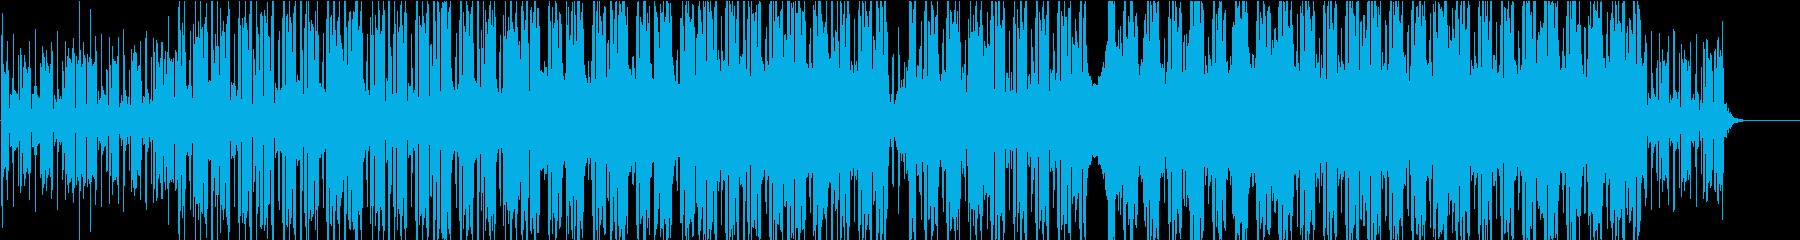 和風祭り風のメロディを持ったヒップホップの再生済みの波形